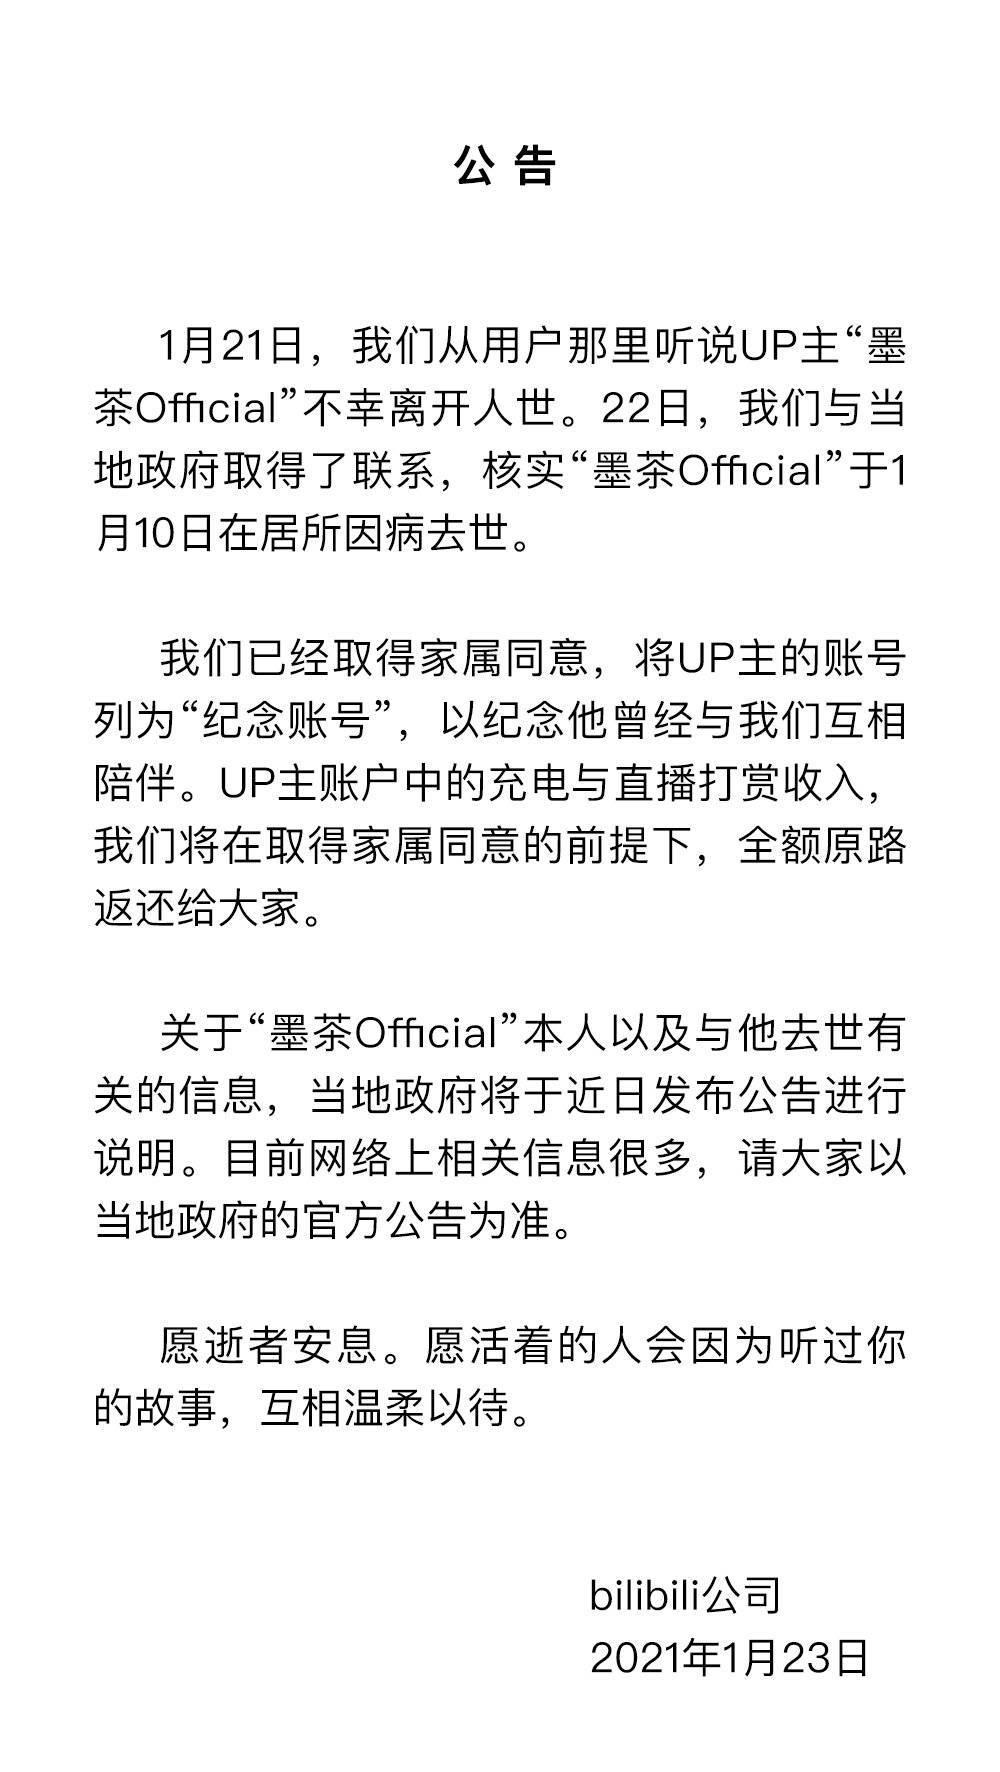 新 iMac 或将支持蜂窝网betcmp体育络和 Face ID / 小米 10 降价